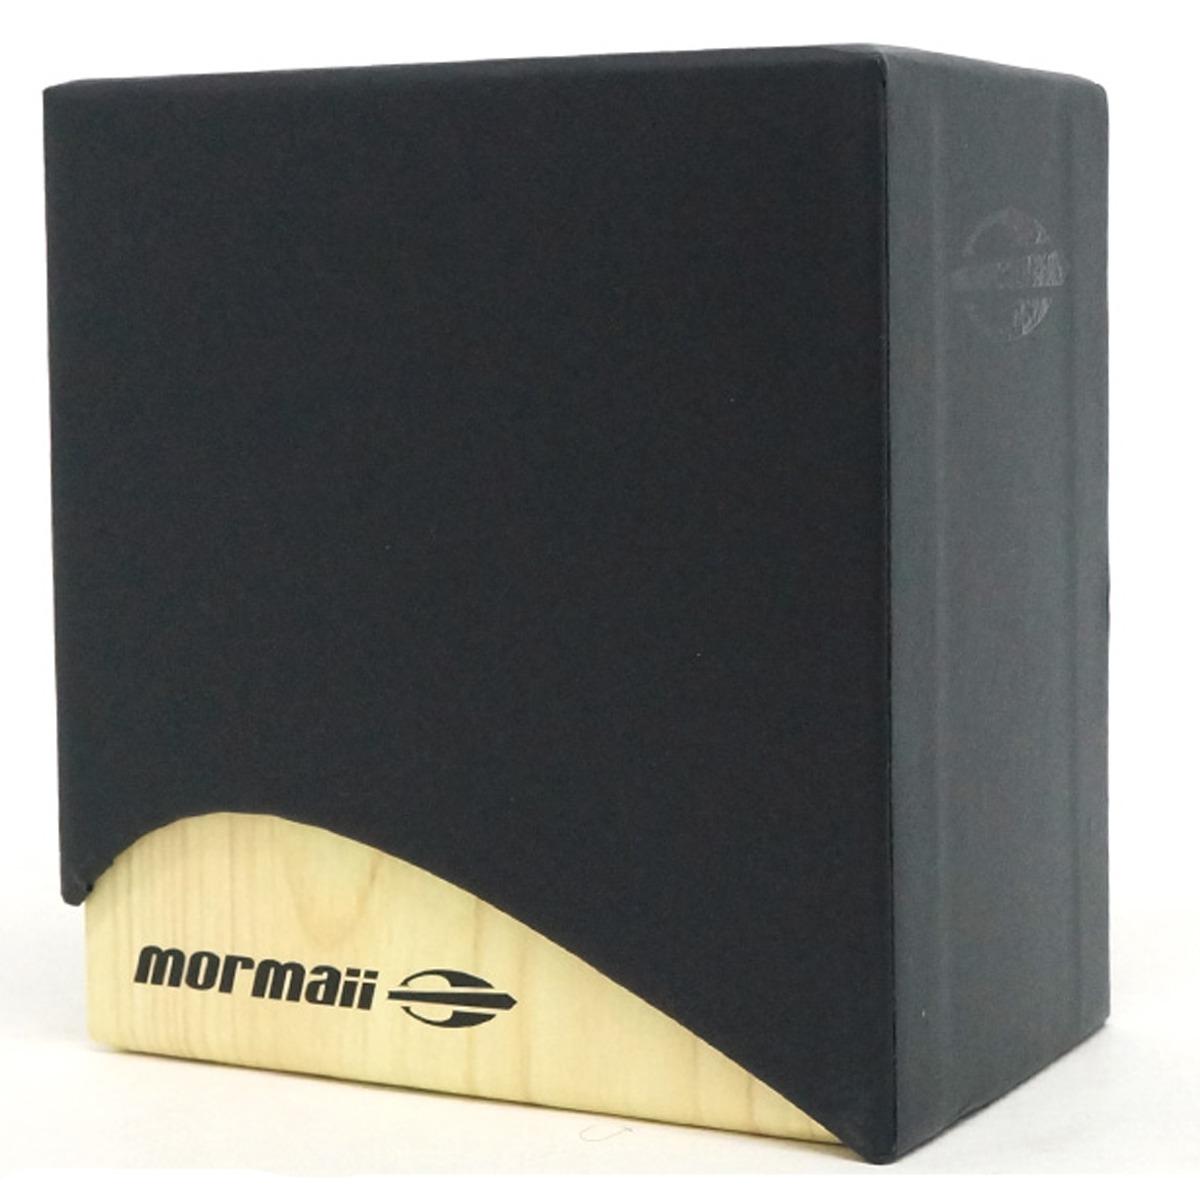 Relógio Mormaii Digital Acqua Pro Camuflado - R  329,90 em Mercado Livre cbae6e8060